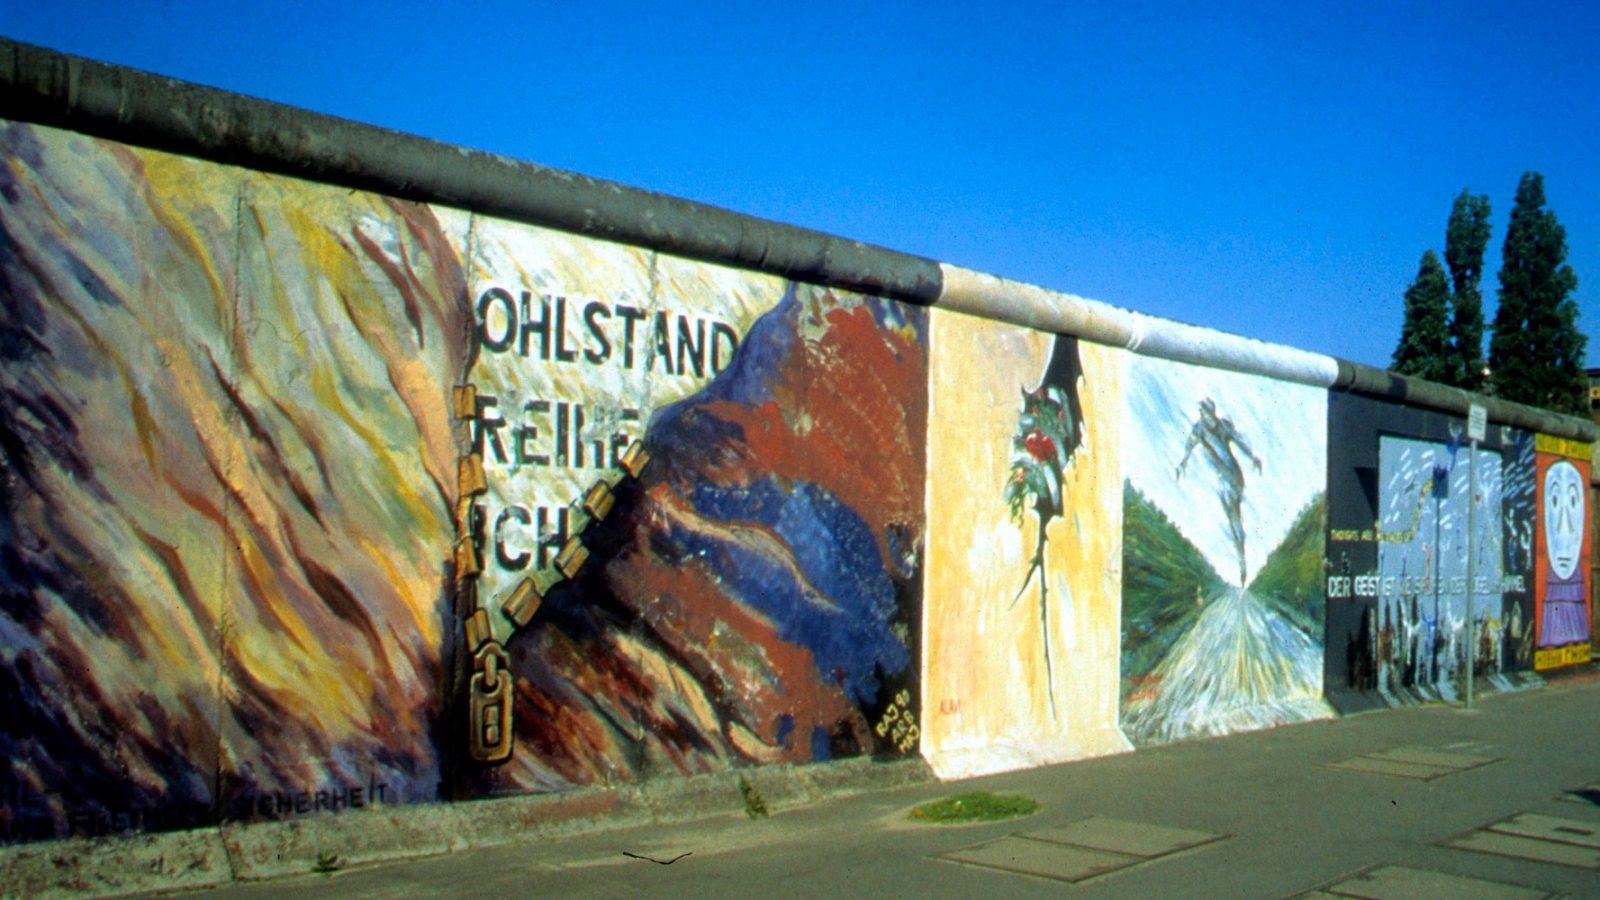 Parte del Muro di Berlino ancora in piedi (fonte: Imagoeconomica)